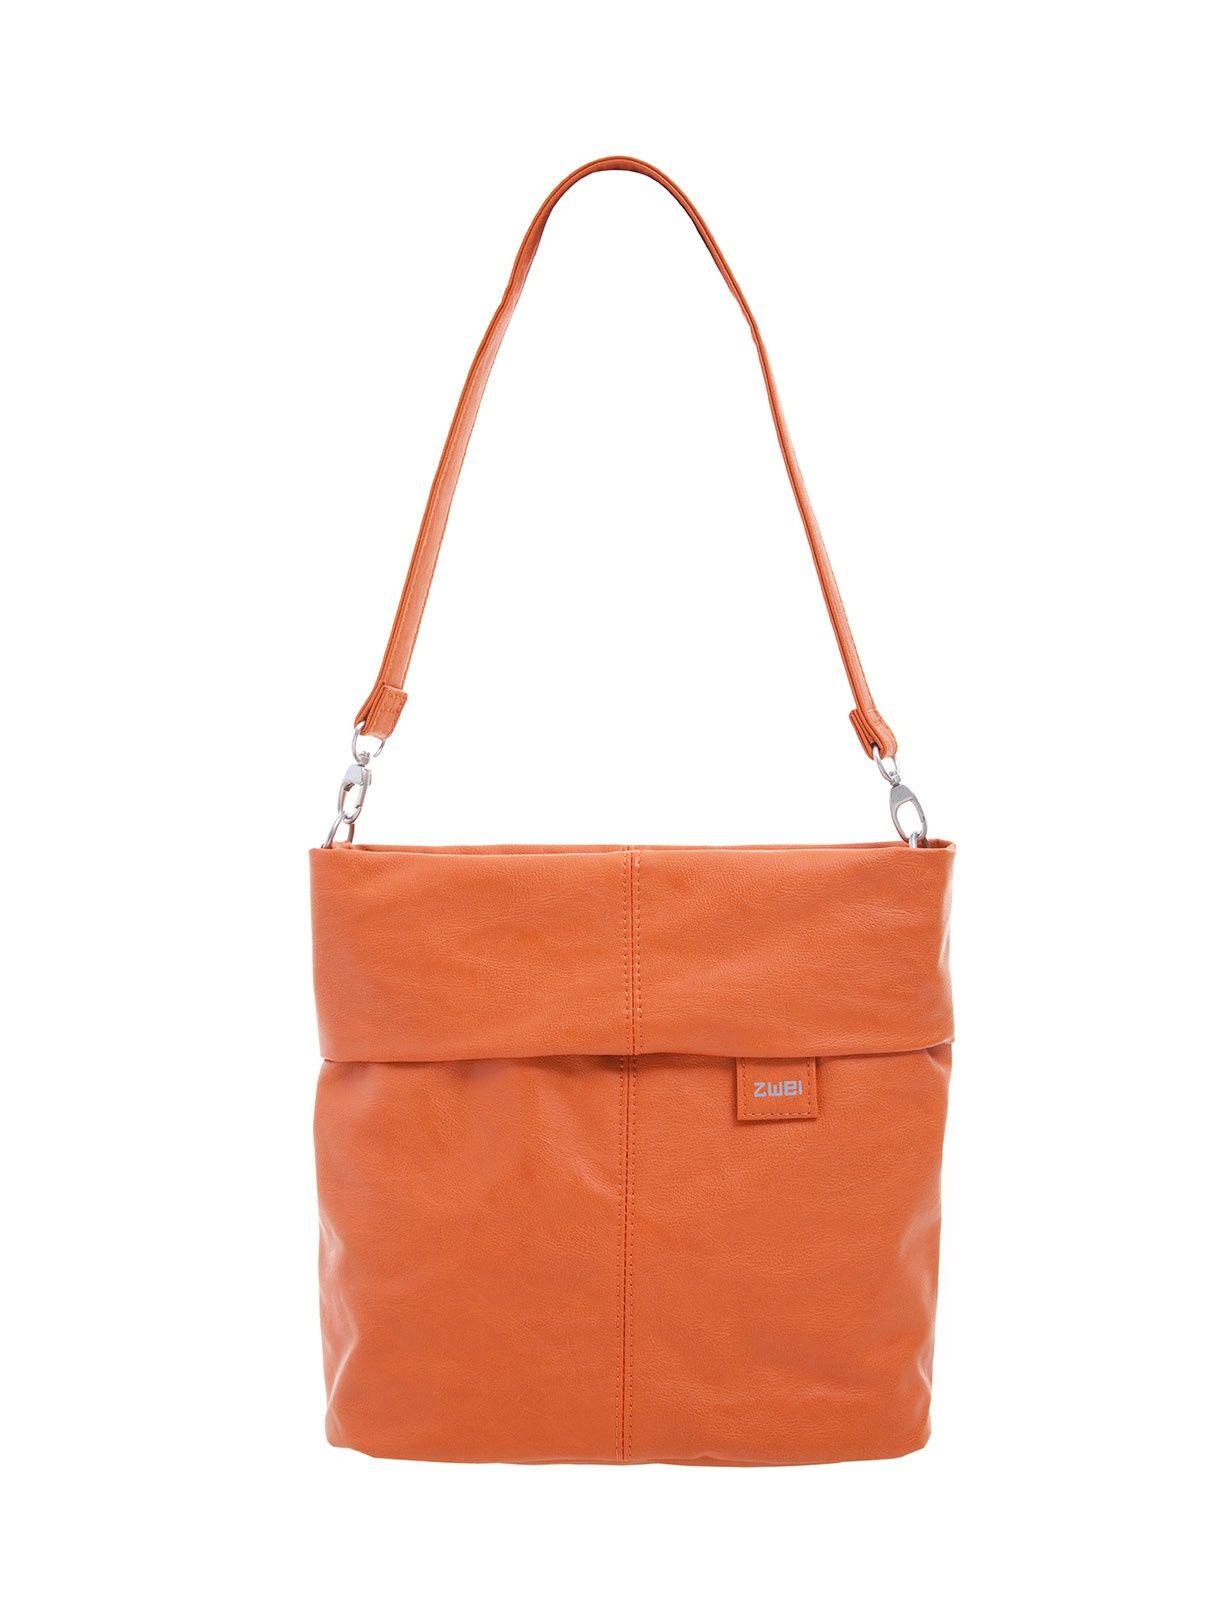 Frauentaschen :: MADEMOISELLE :: M8 | ZWEI Taschen Handtasche :: orange :: lederfrei